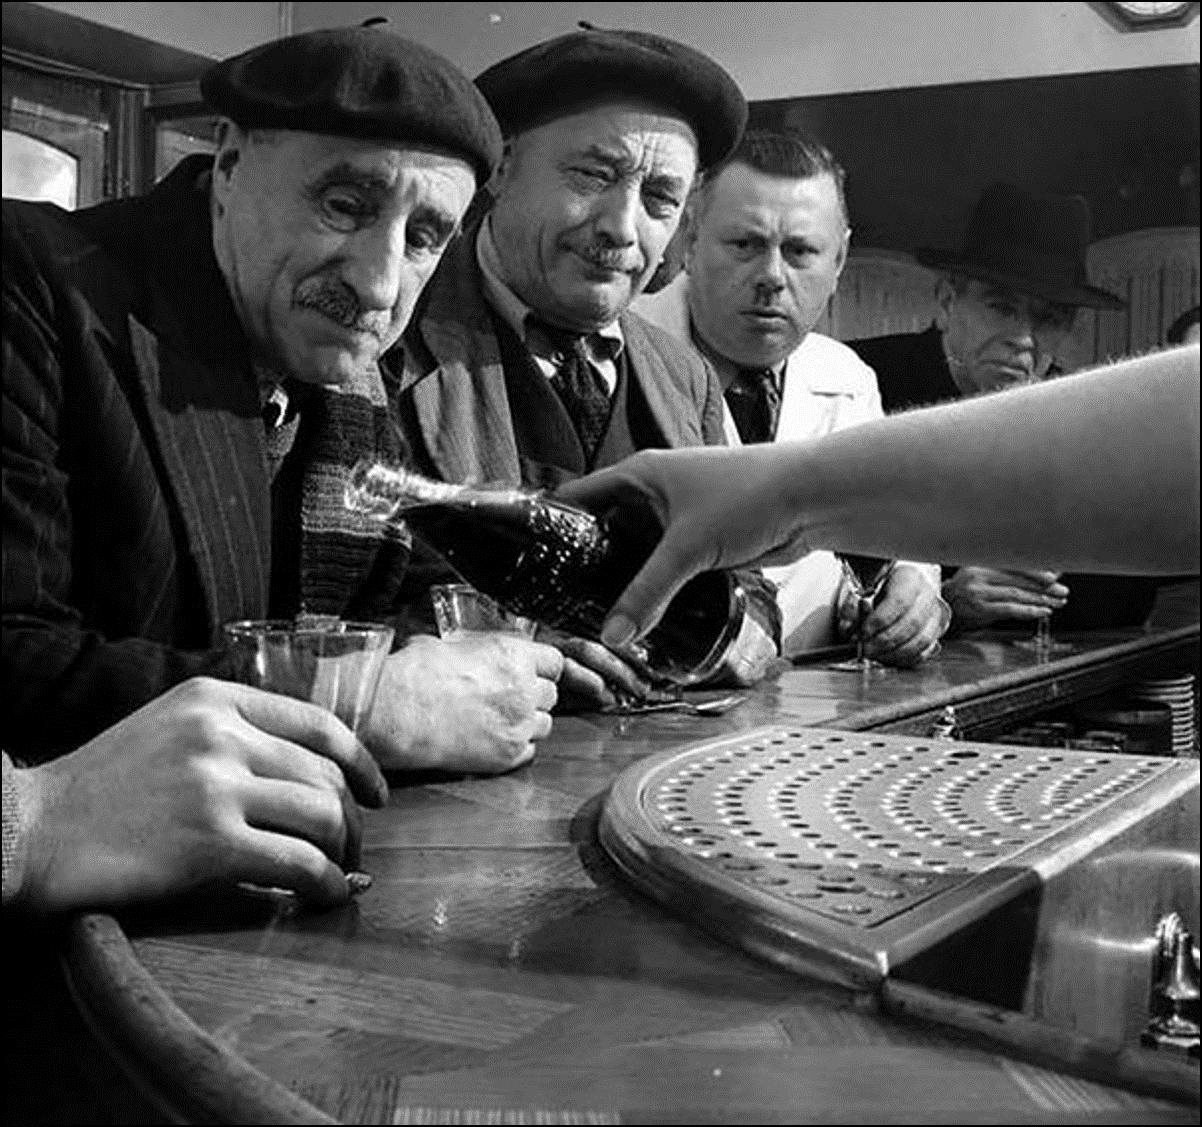 Кока-кола пришла во Францию, 1950 Историческая фотография, история, факты